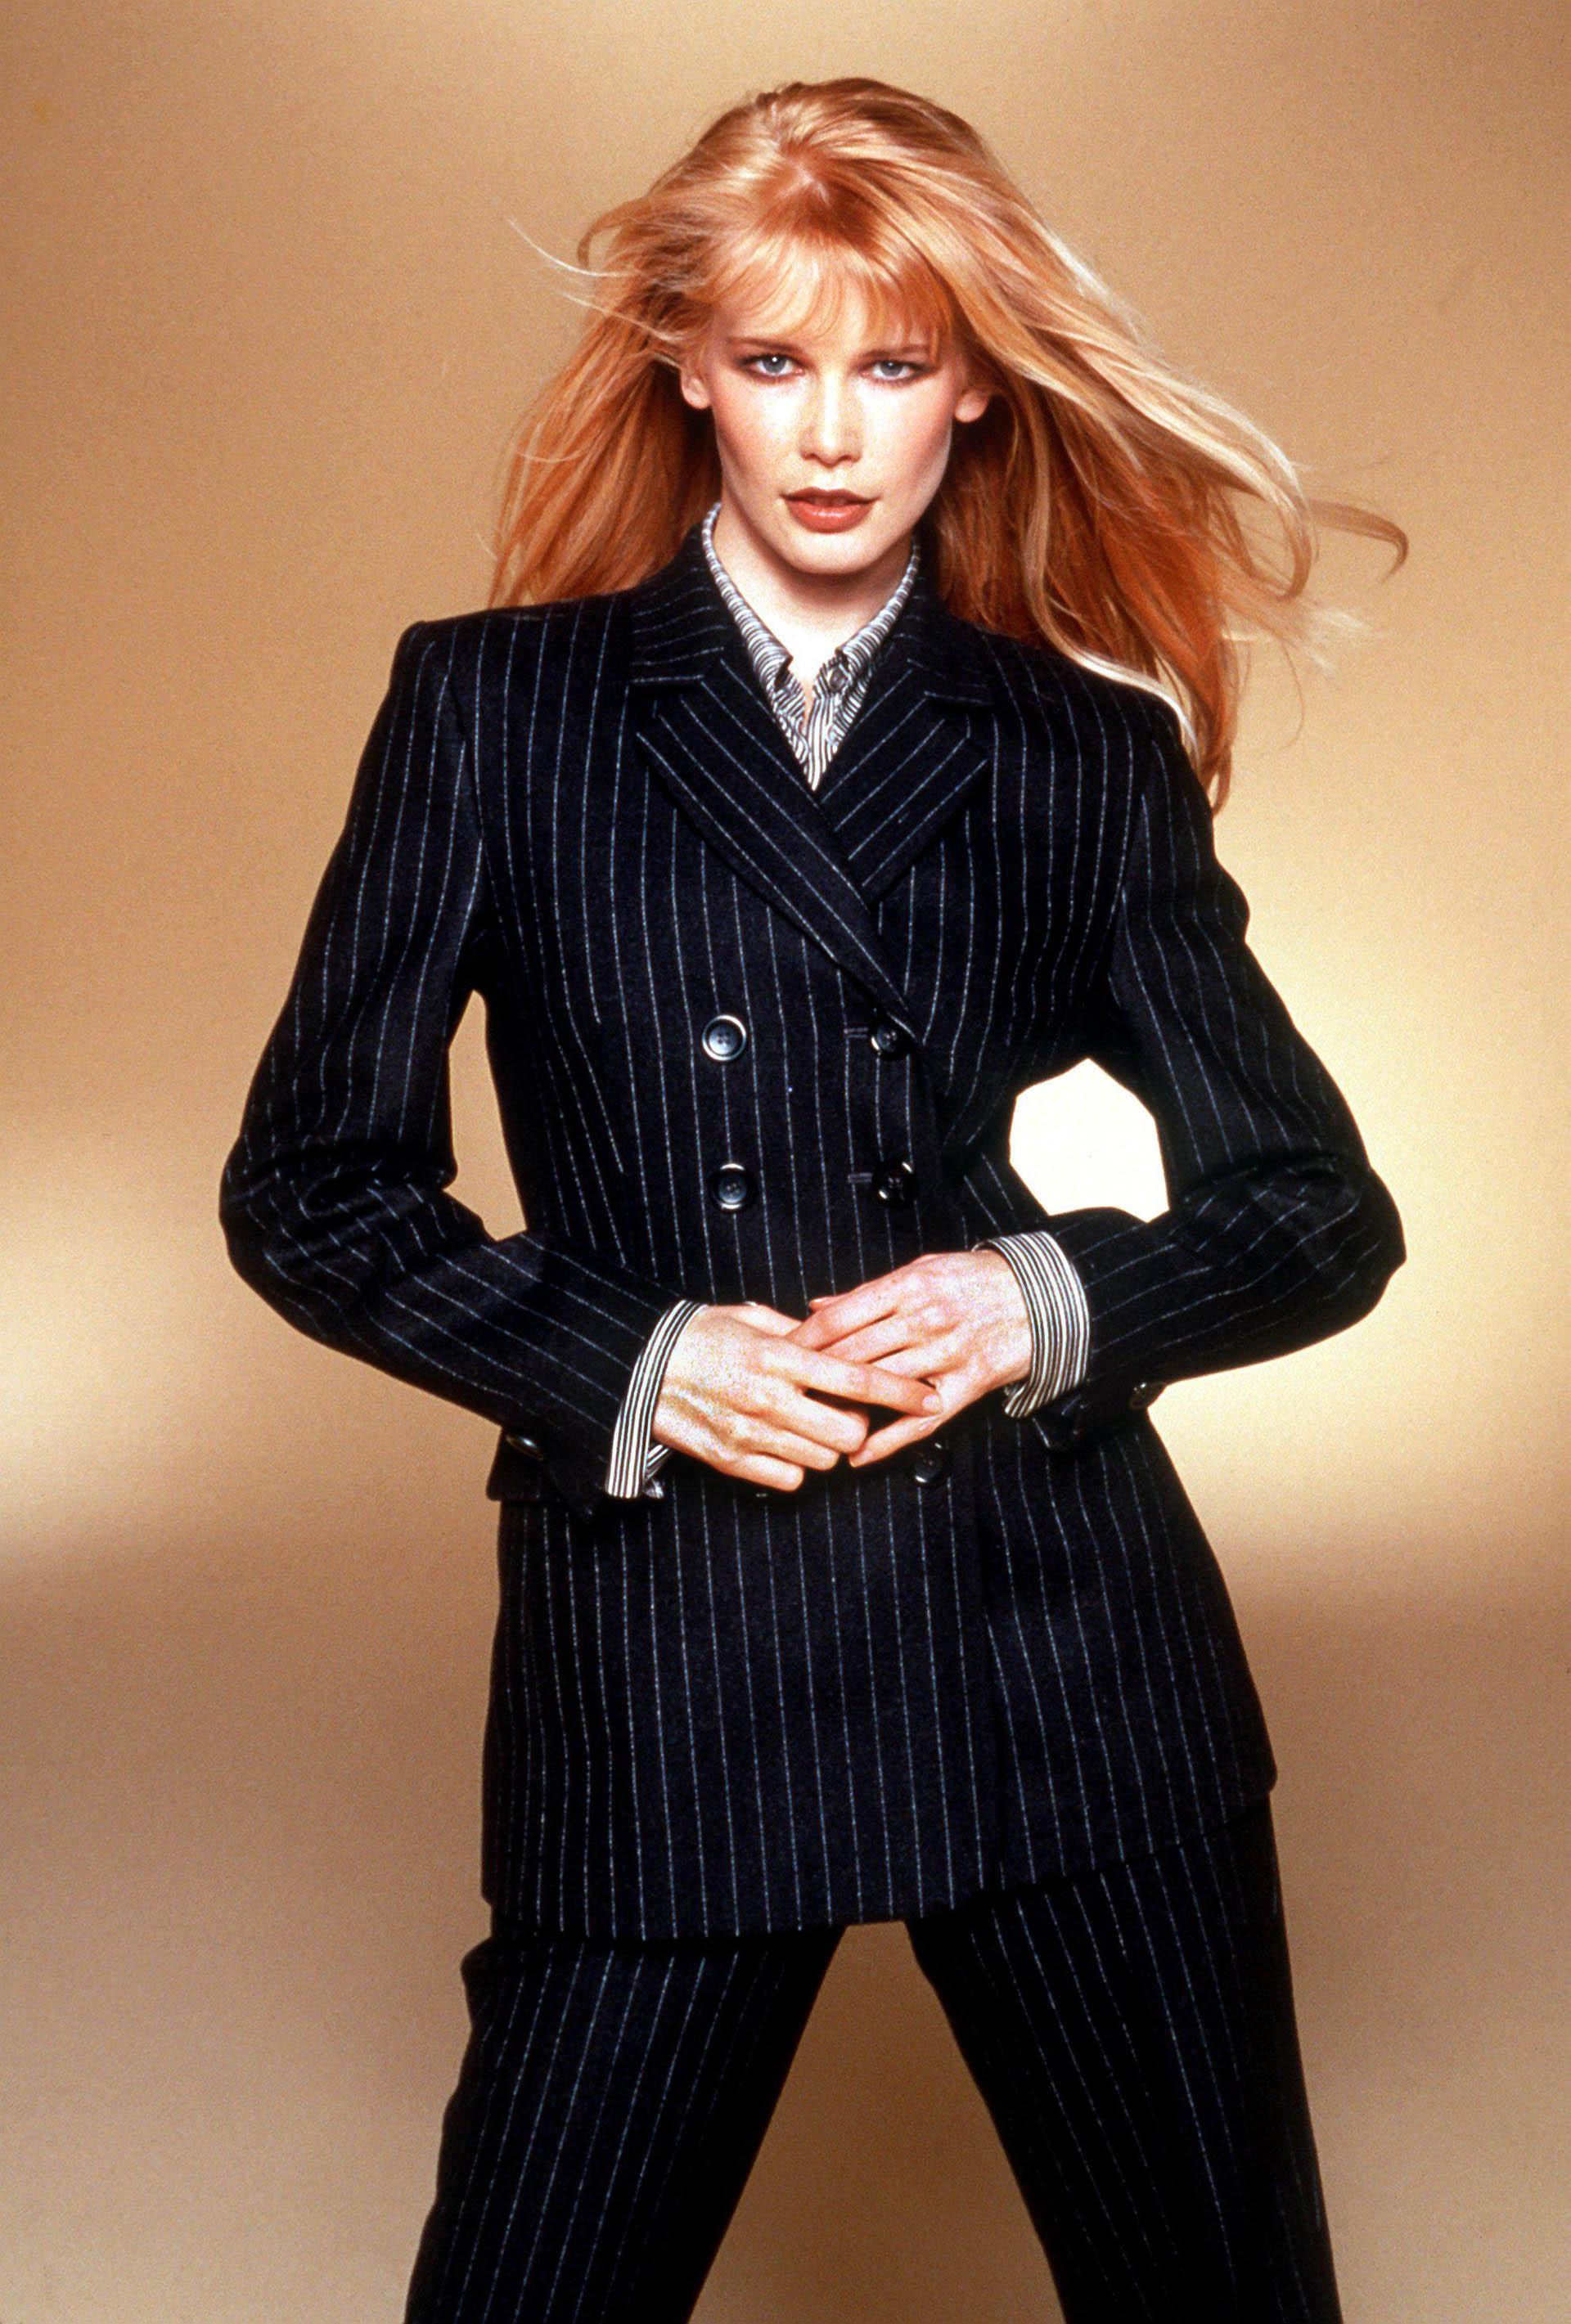 Schiffer se lanzó como empresaria y armó su emprendimiento: su propia colección de ropa (Grosby Group)